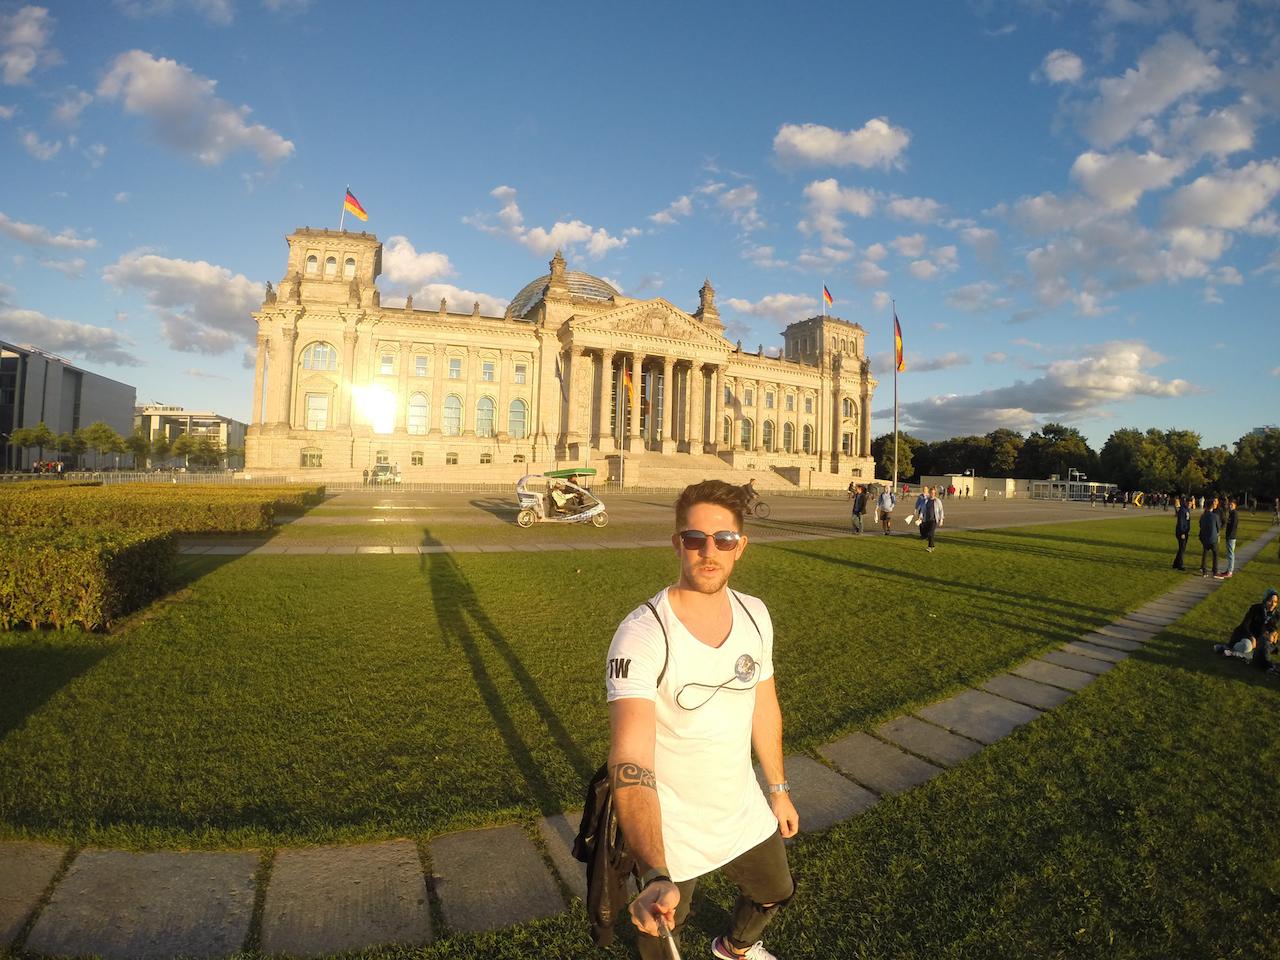 selfie-berlin-reichtag